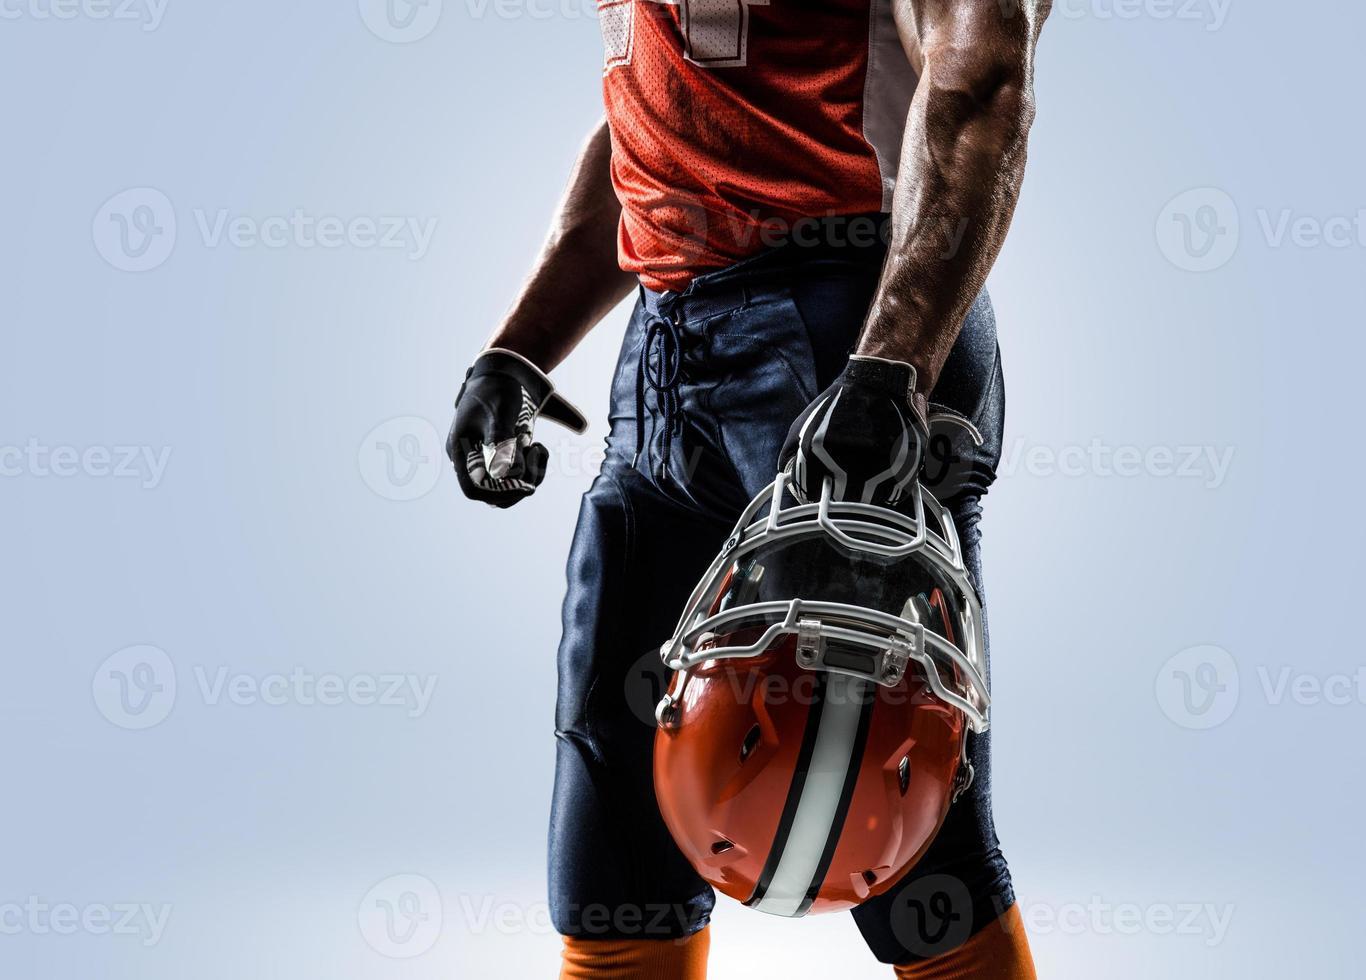 joueur de football américain en action blanc isolé photo